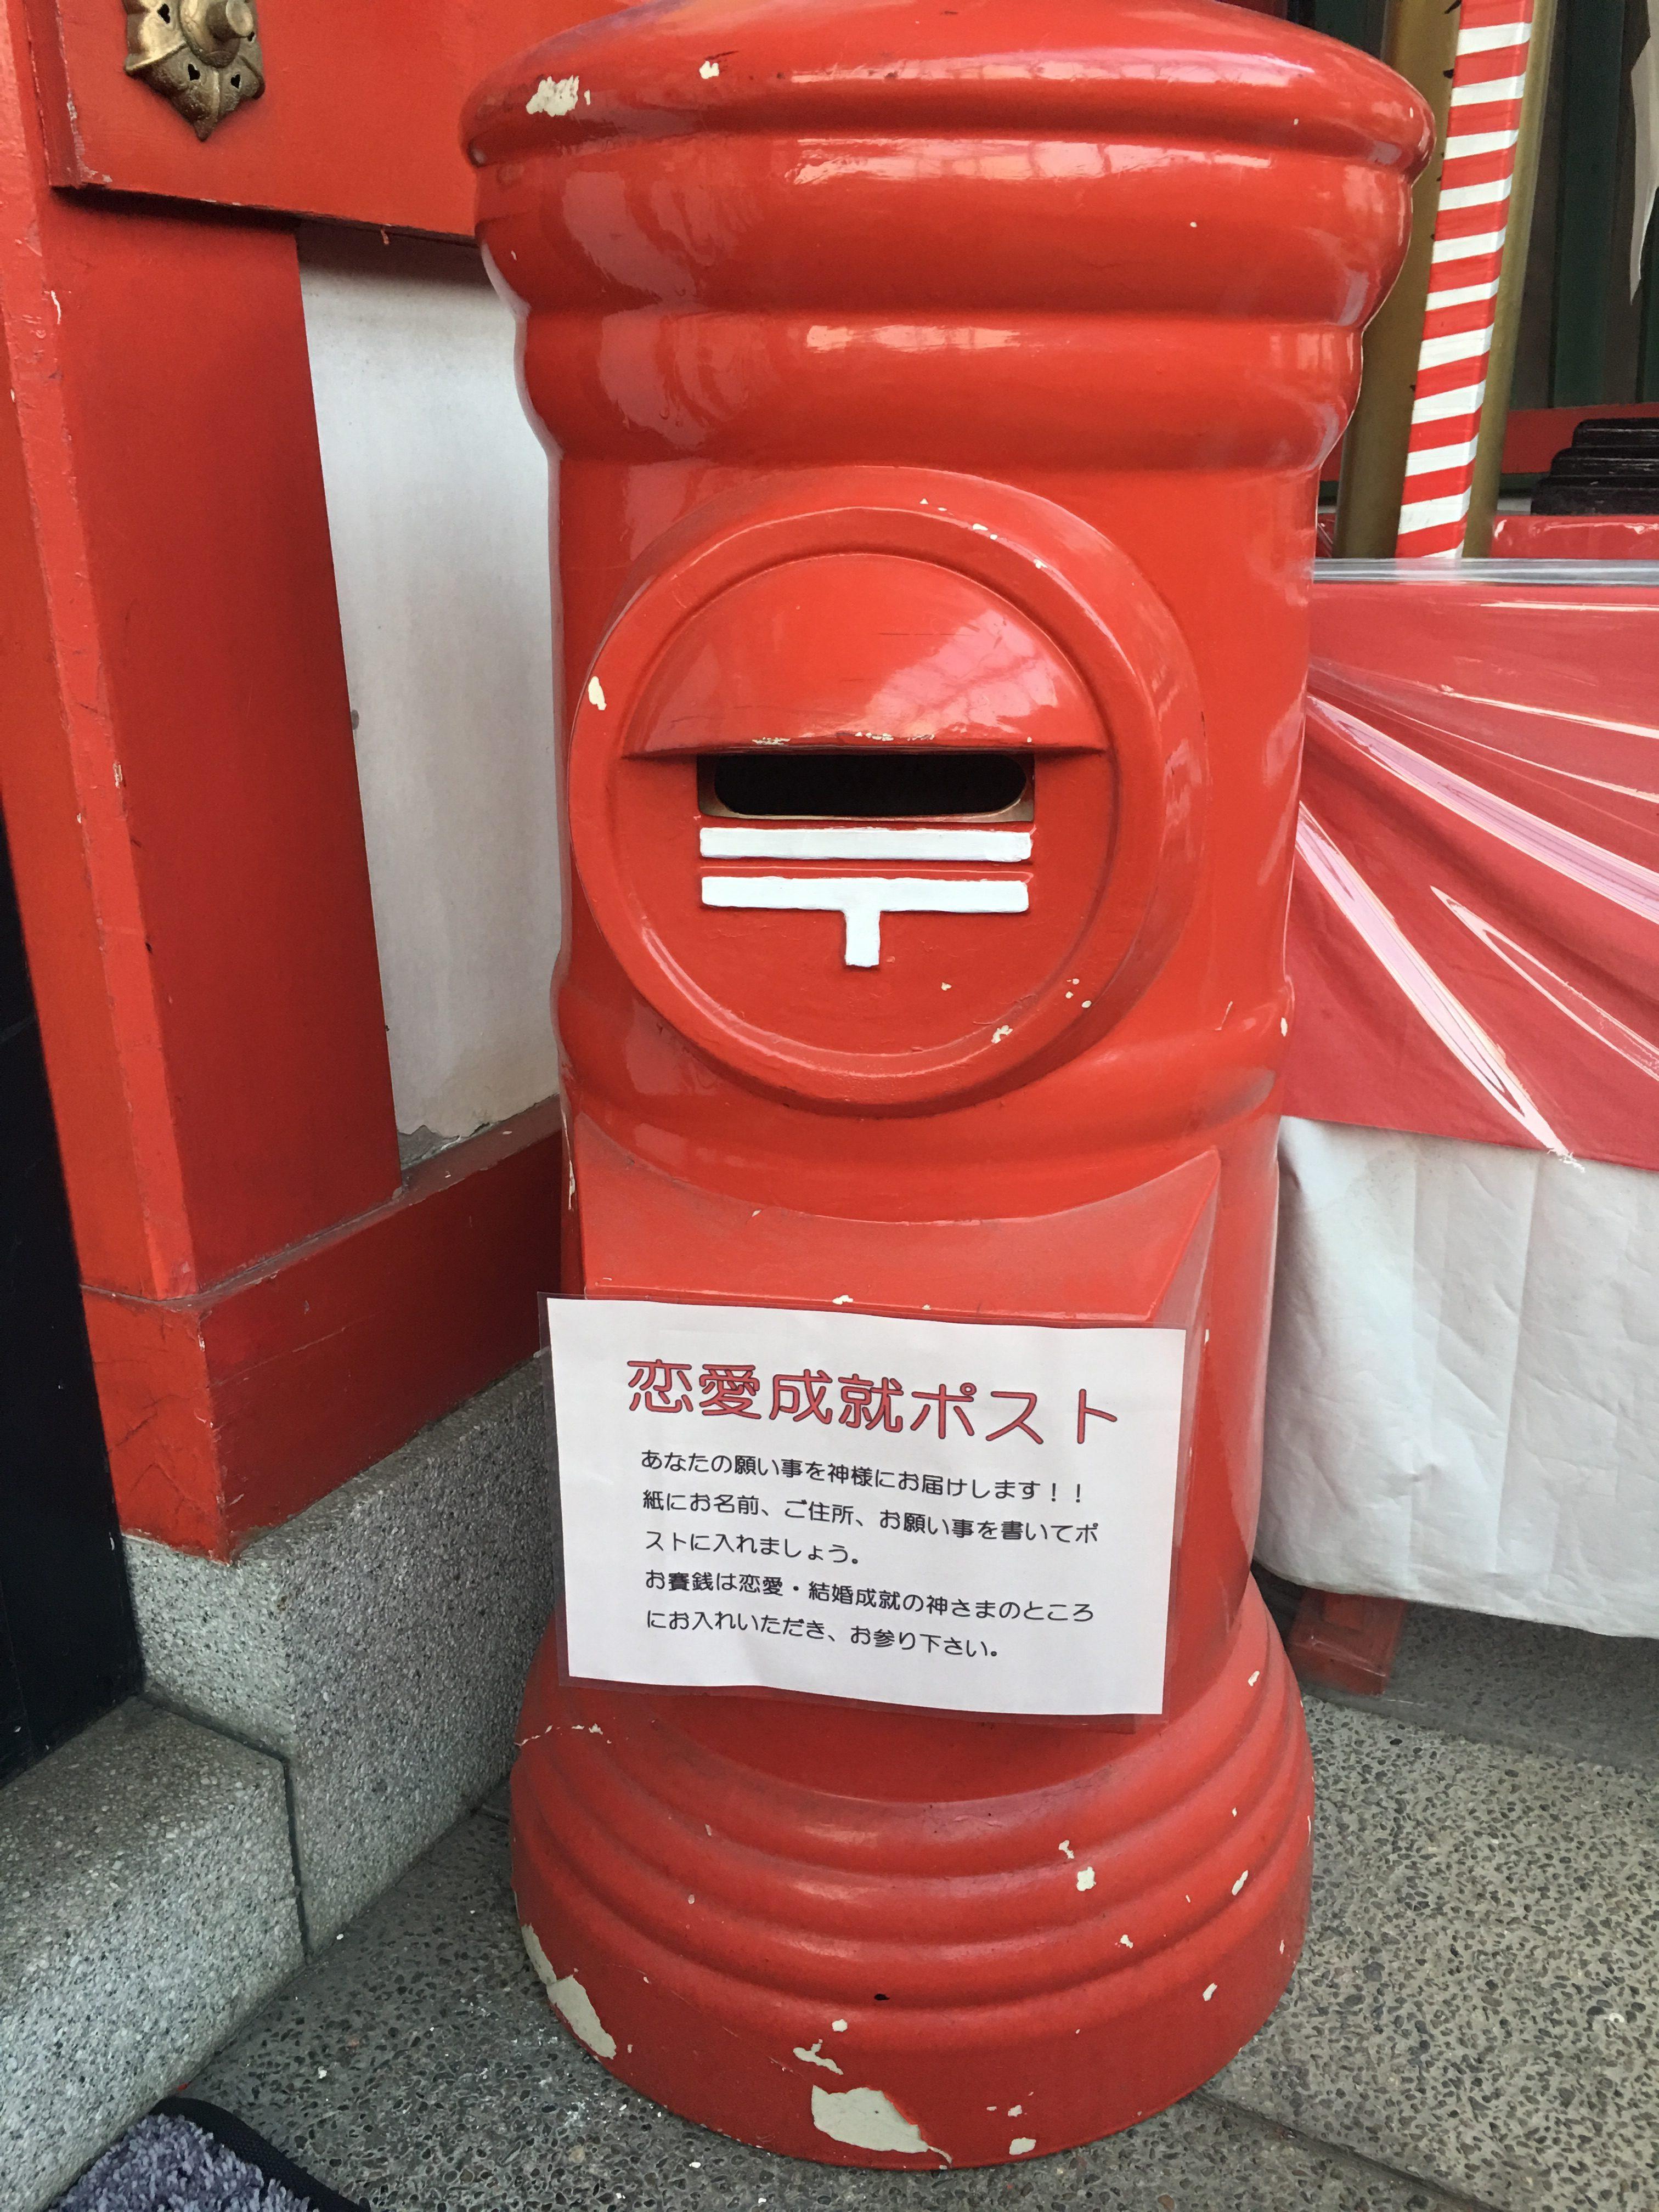 復縁の願いを叶えてくれる熊本城稲荷神社の恋愛成就ポスト